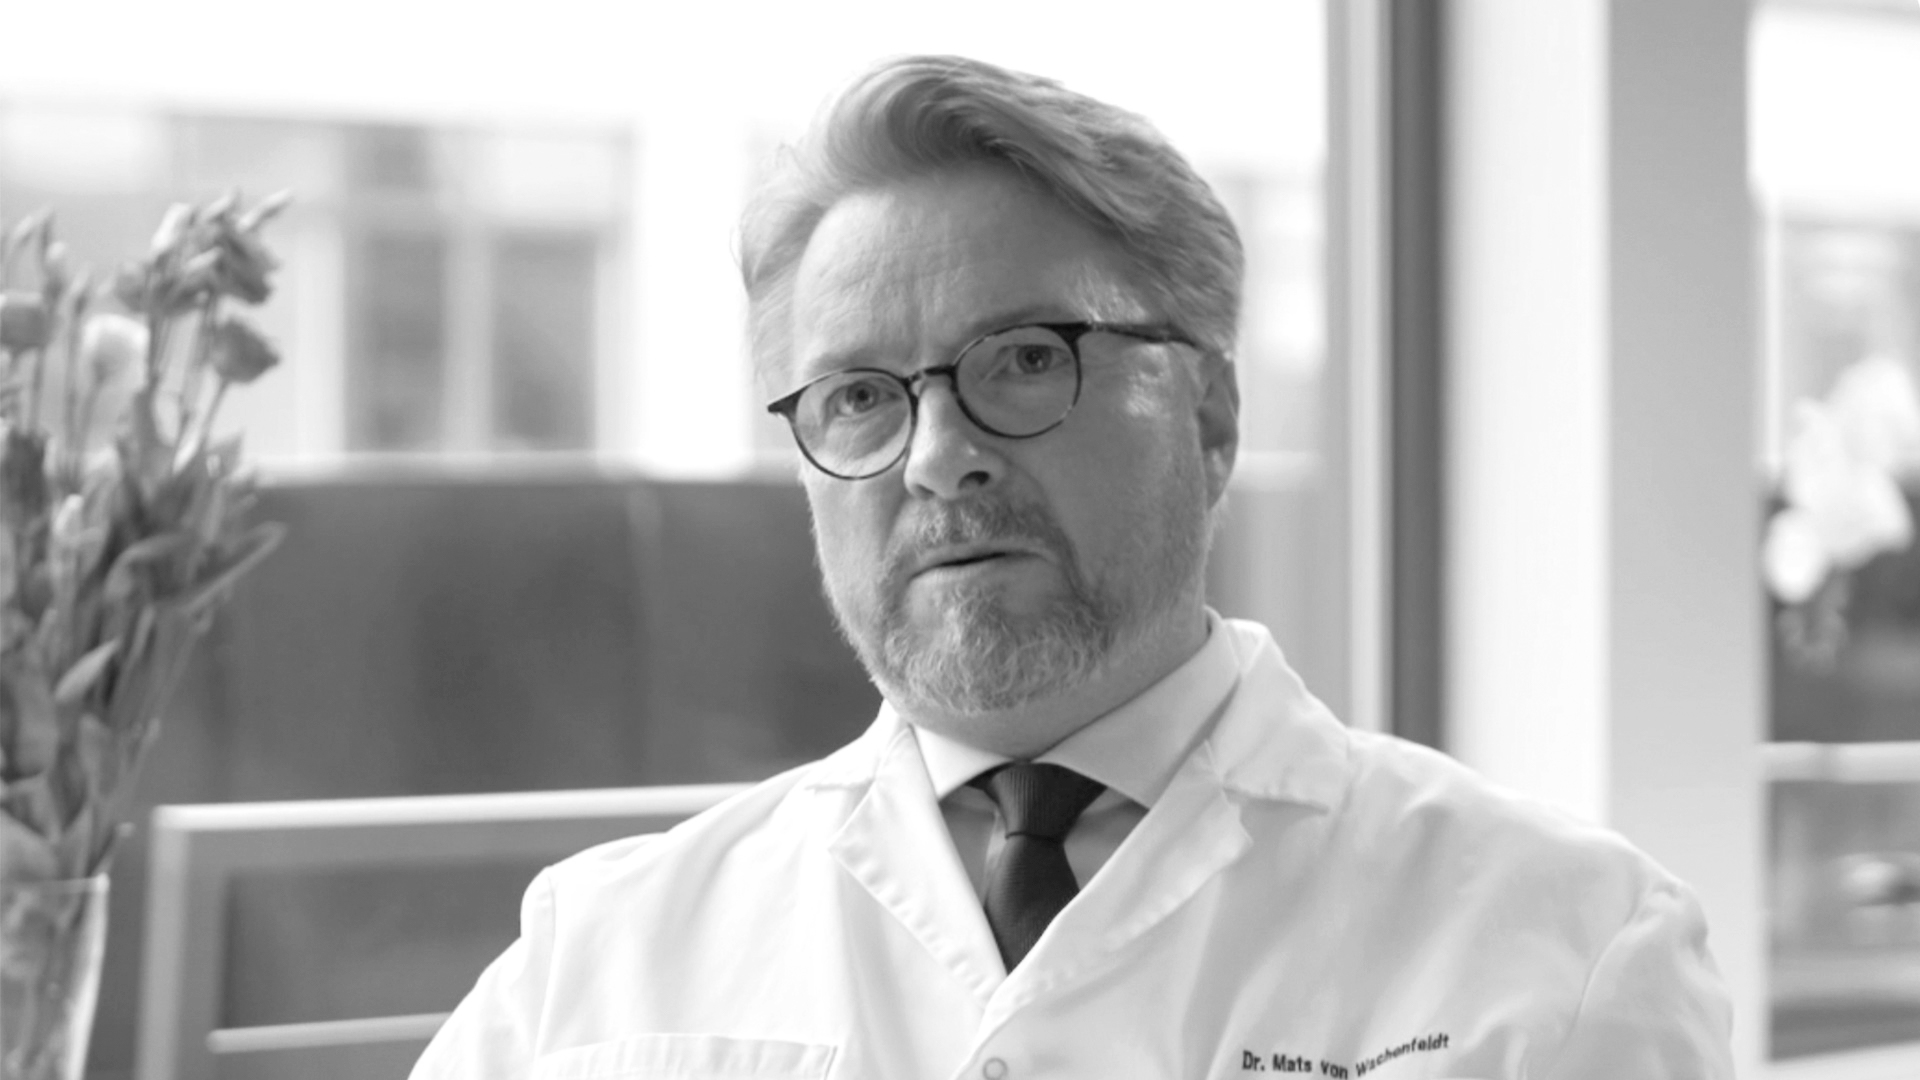 Dr. Mats von Wachenfeldt